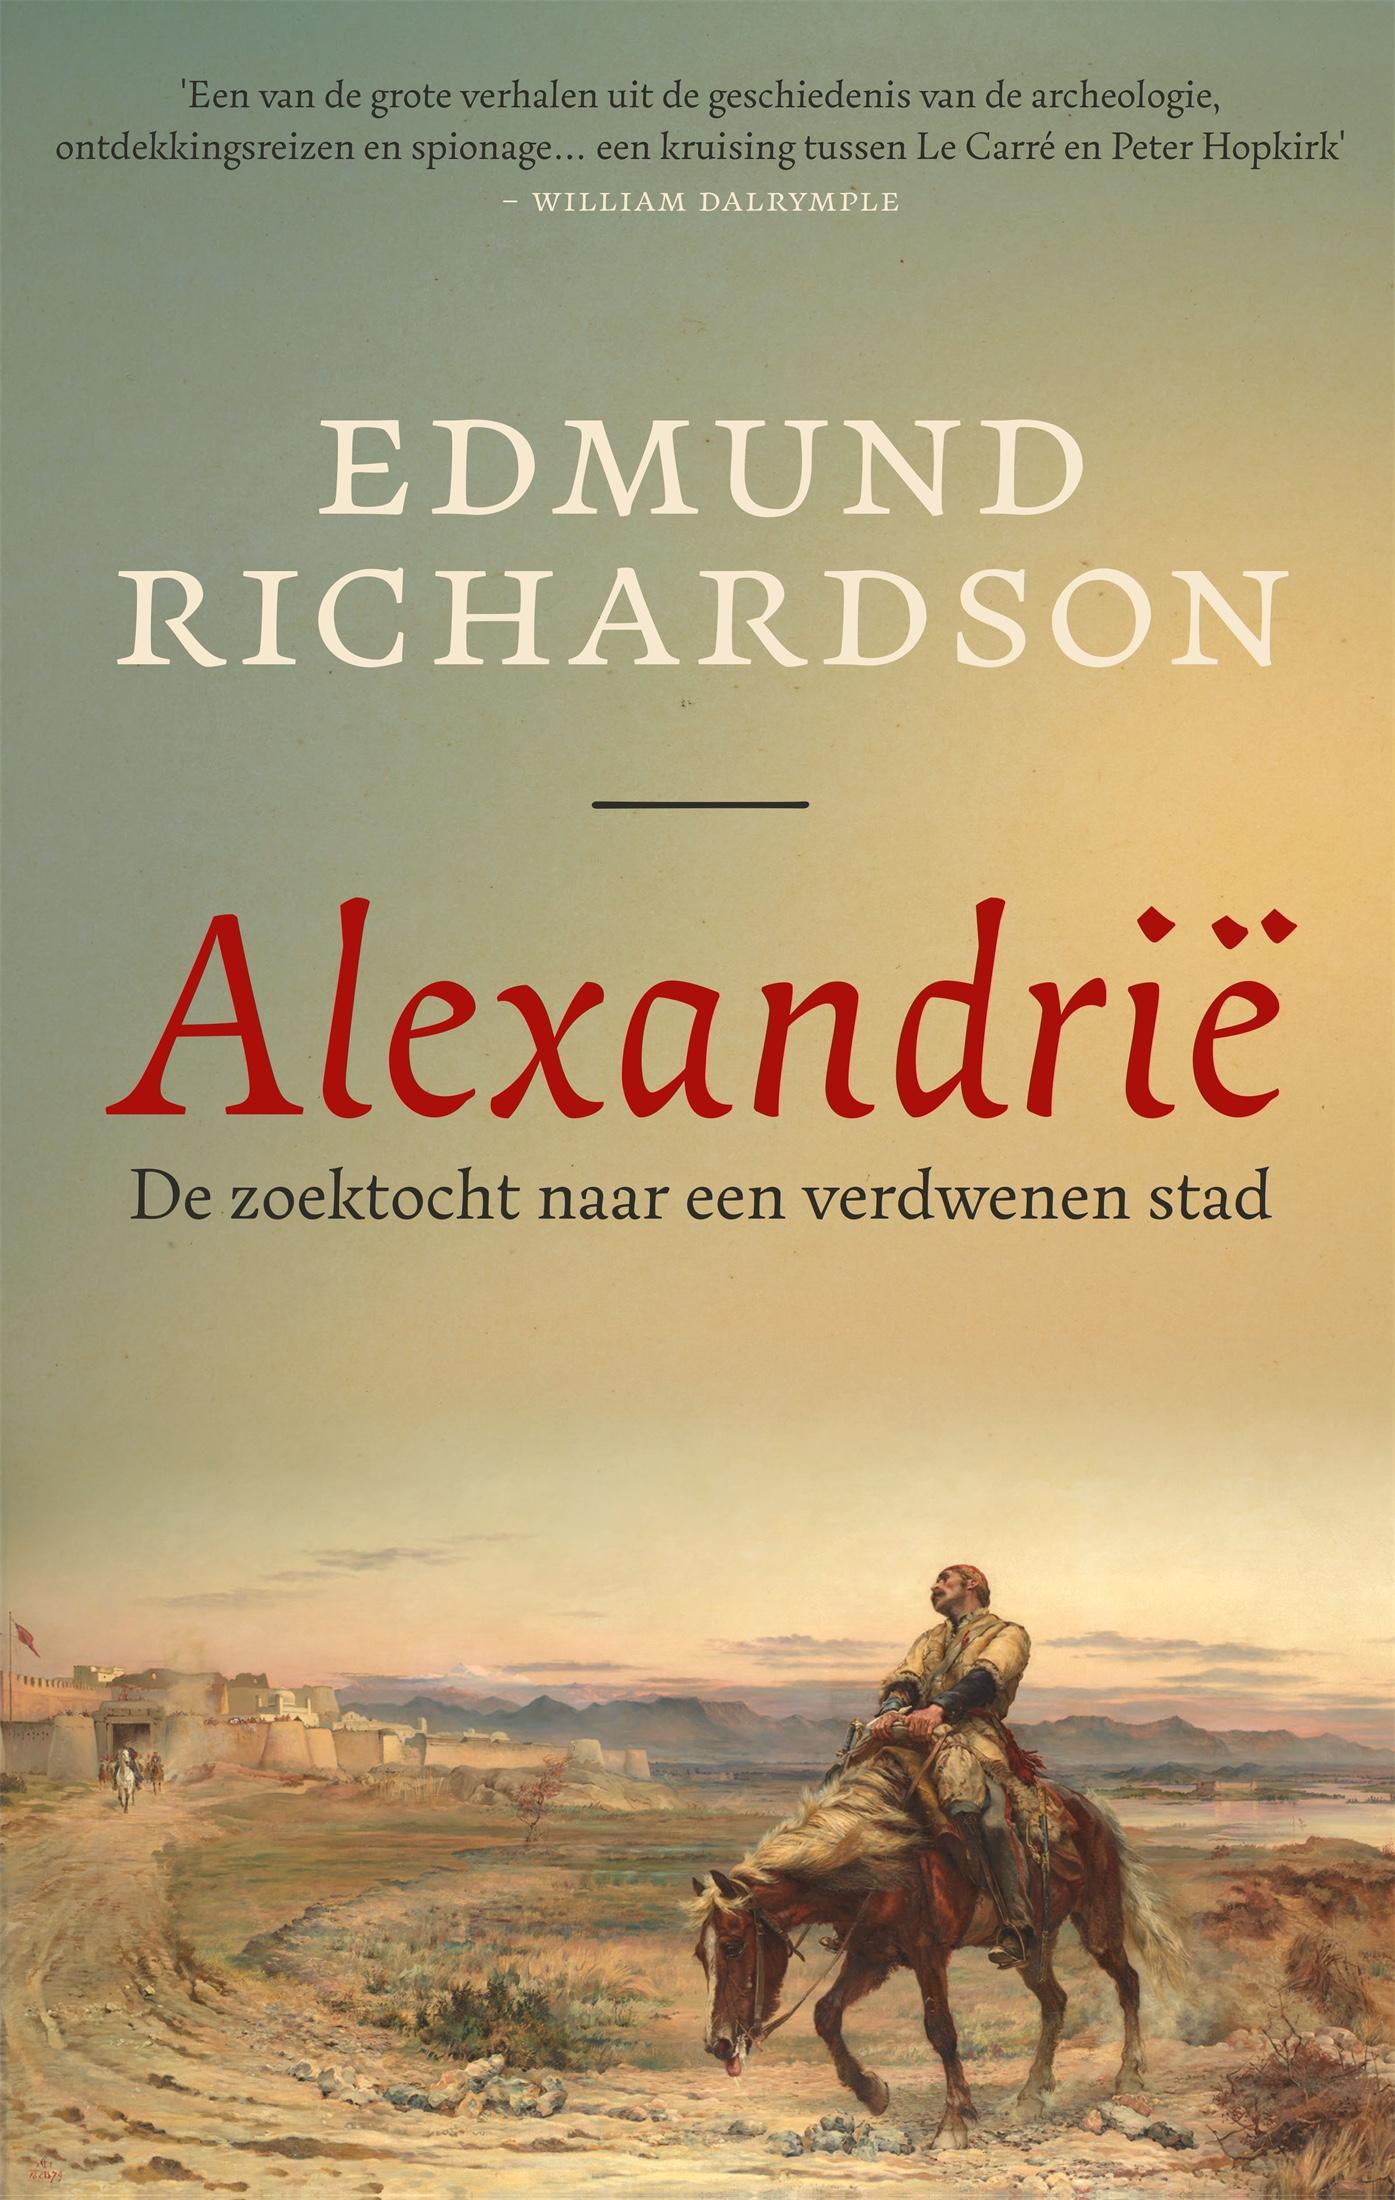 Alexandrië - boekenflits